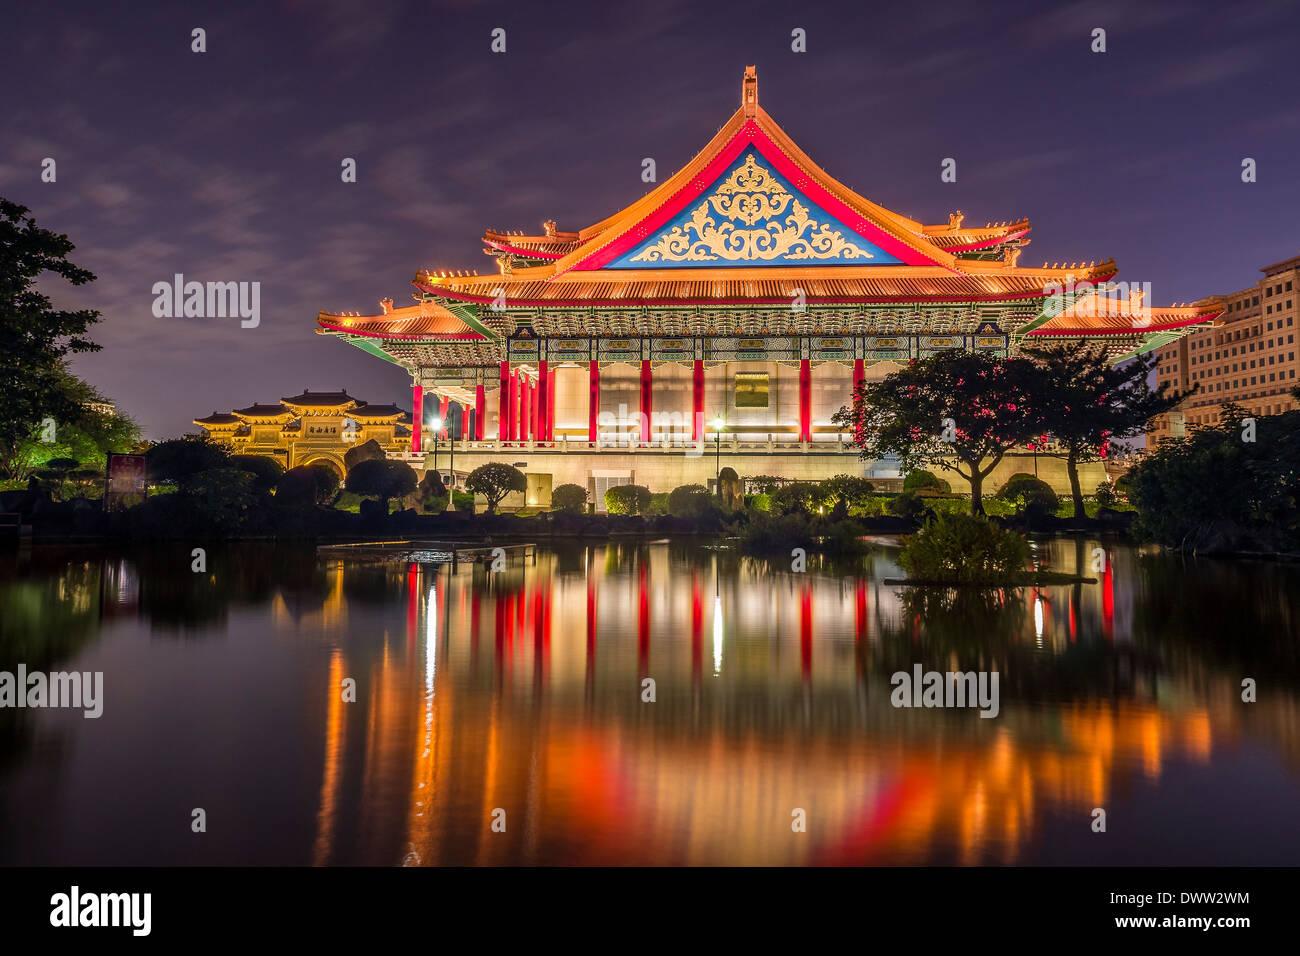 En el National Concert Hall en la noche en Taipei, Taiwán. Imagen De Stock